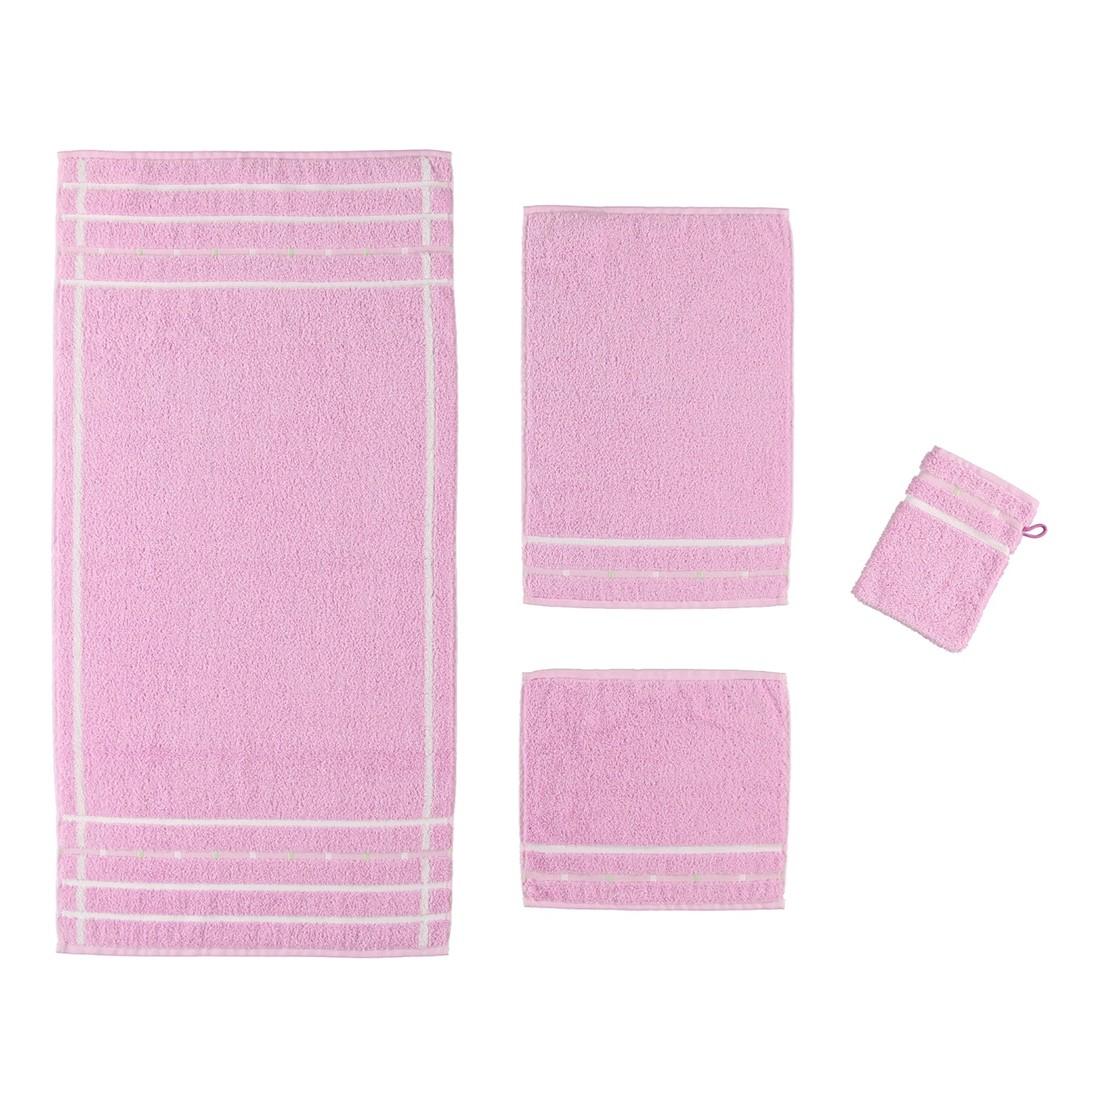 Handtuch Quadrati – 100% Baumwolle Flieder/Weiß – 023 – Handtuch: 60 x 110 cm, Vossen jetzt kaufen